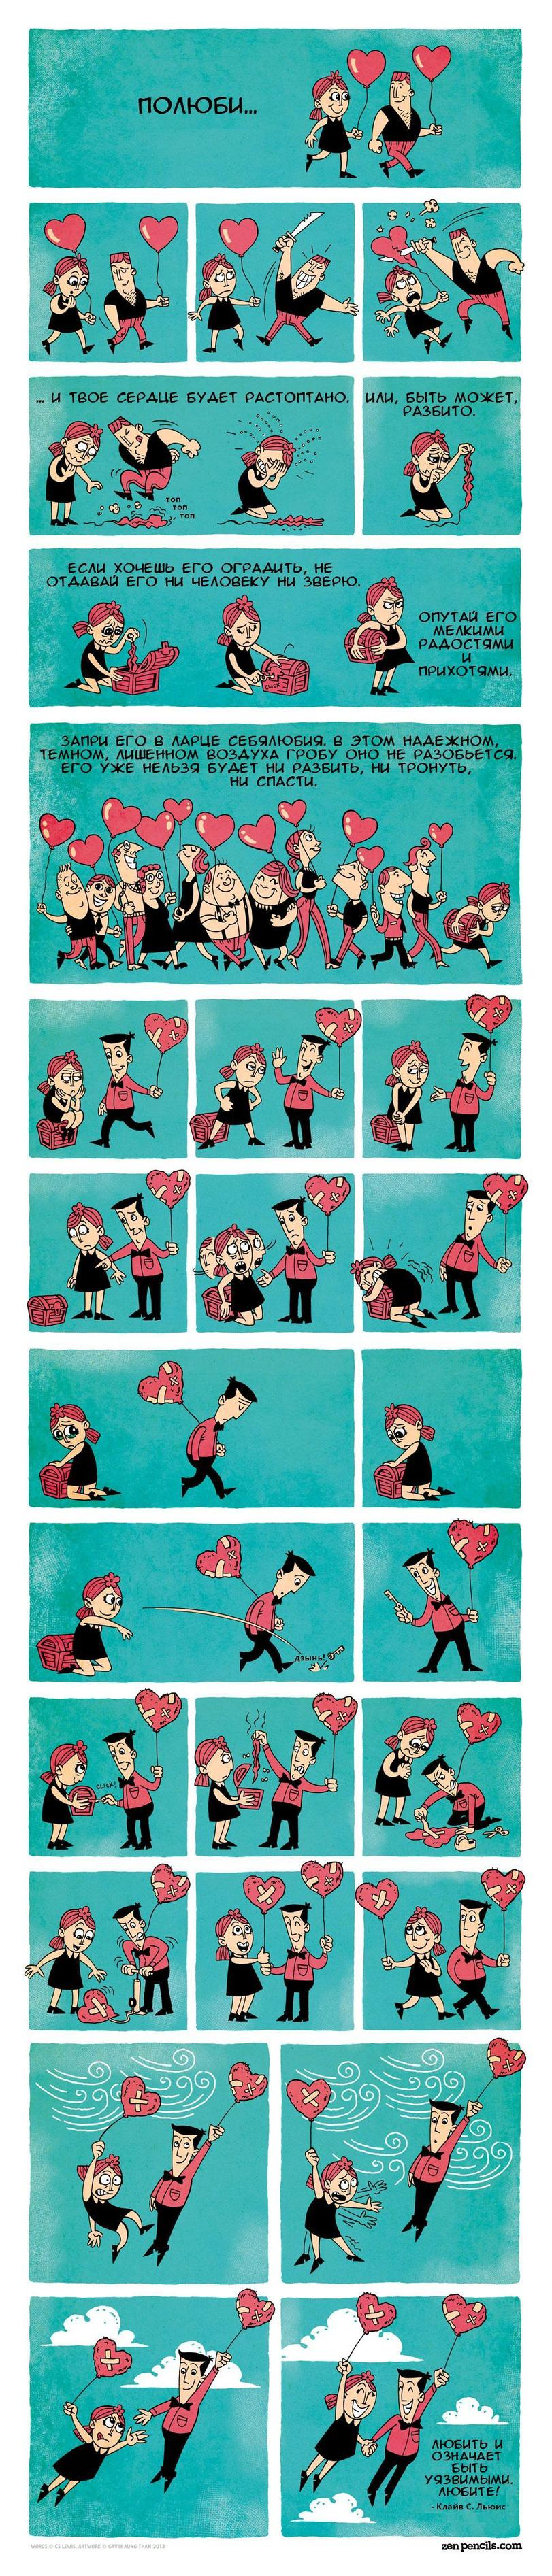 Комиксы-длинные-комиксы-zen-pencils-цитаты-566348